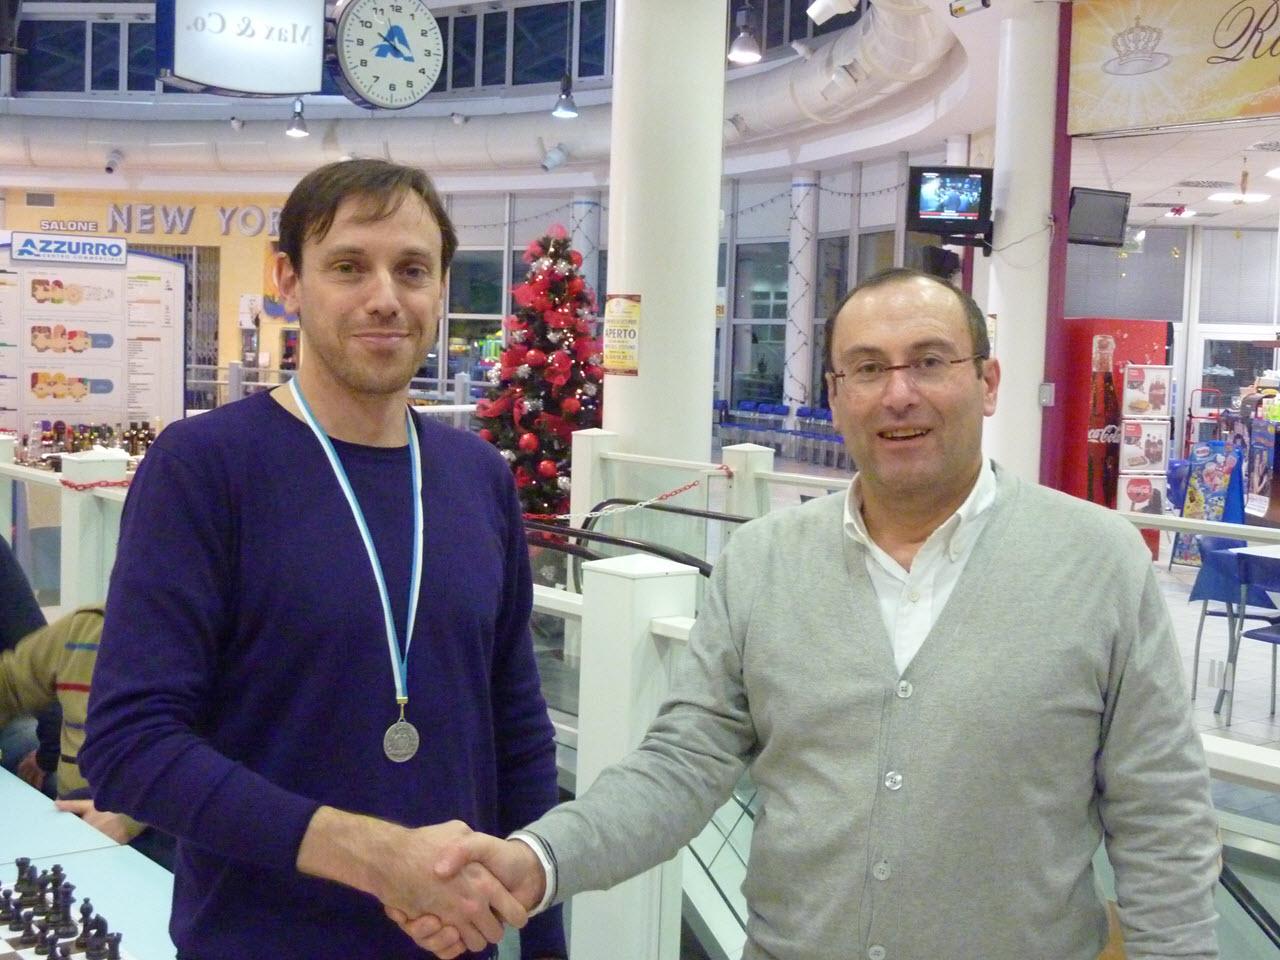 Campionato Sammarinese Semilampo 2010 - medaglia d'oro a Danilo Volpinari